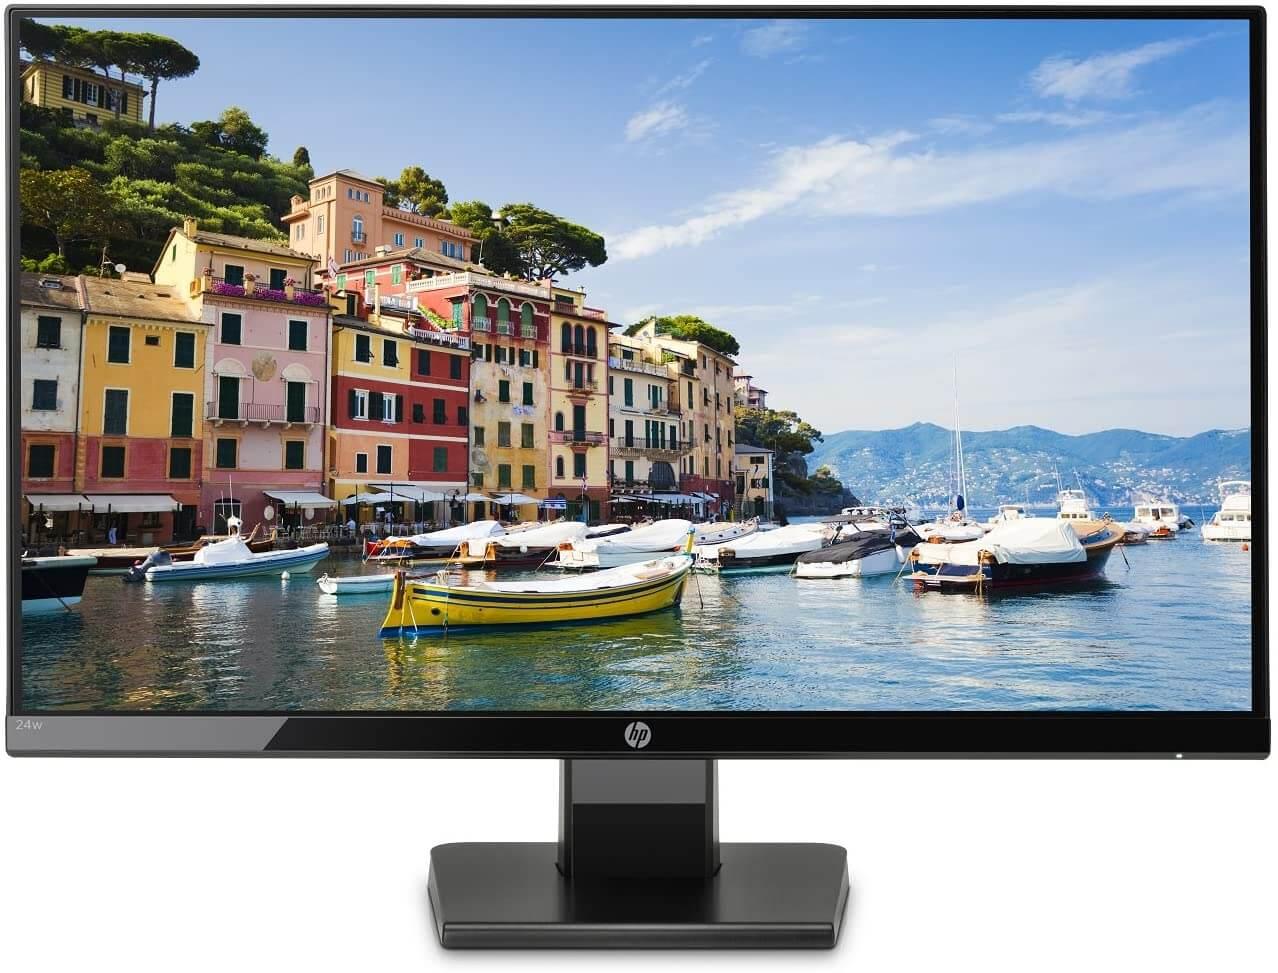 HP 24w Ecran PC Full HD Noir Onyx